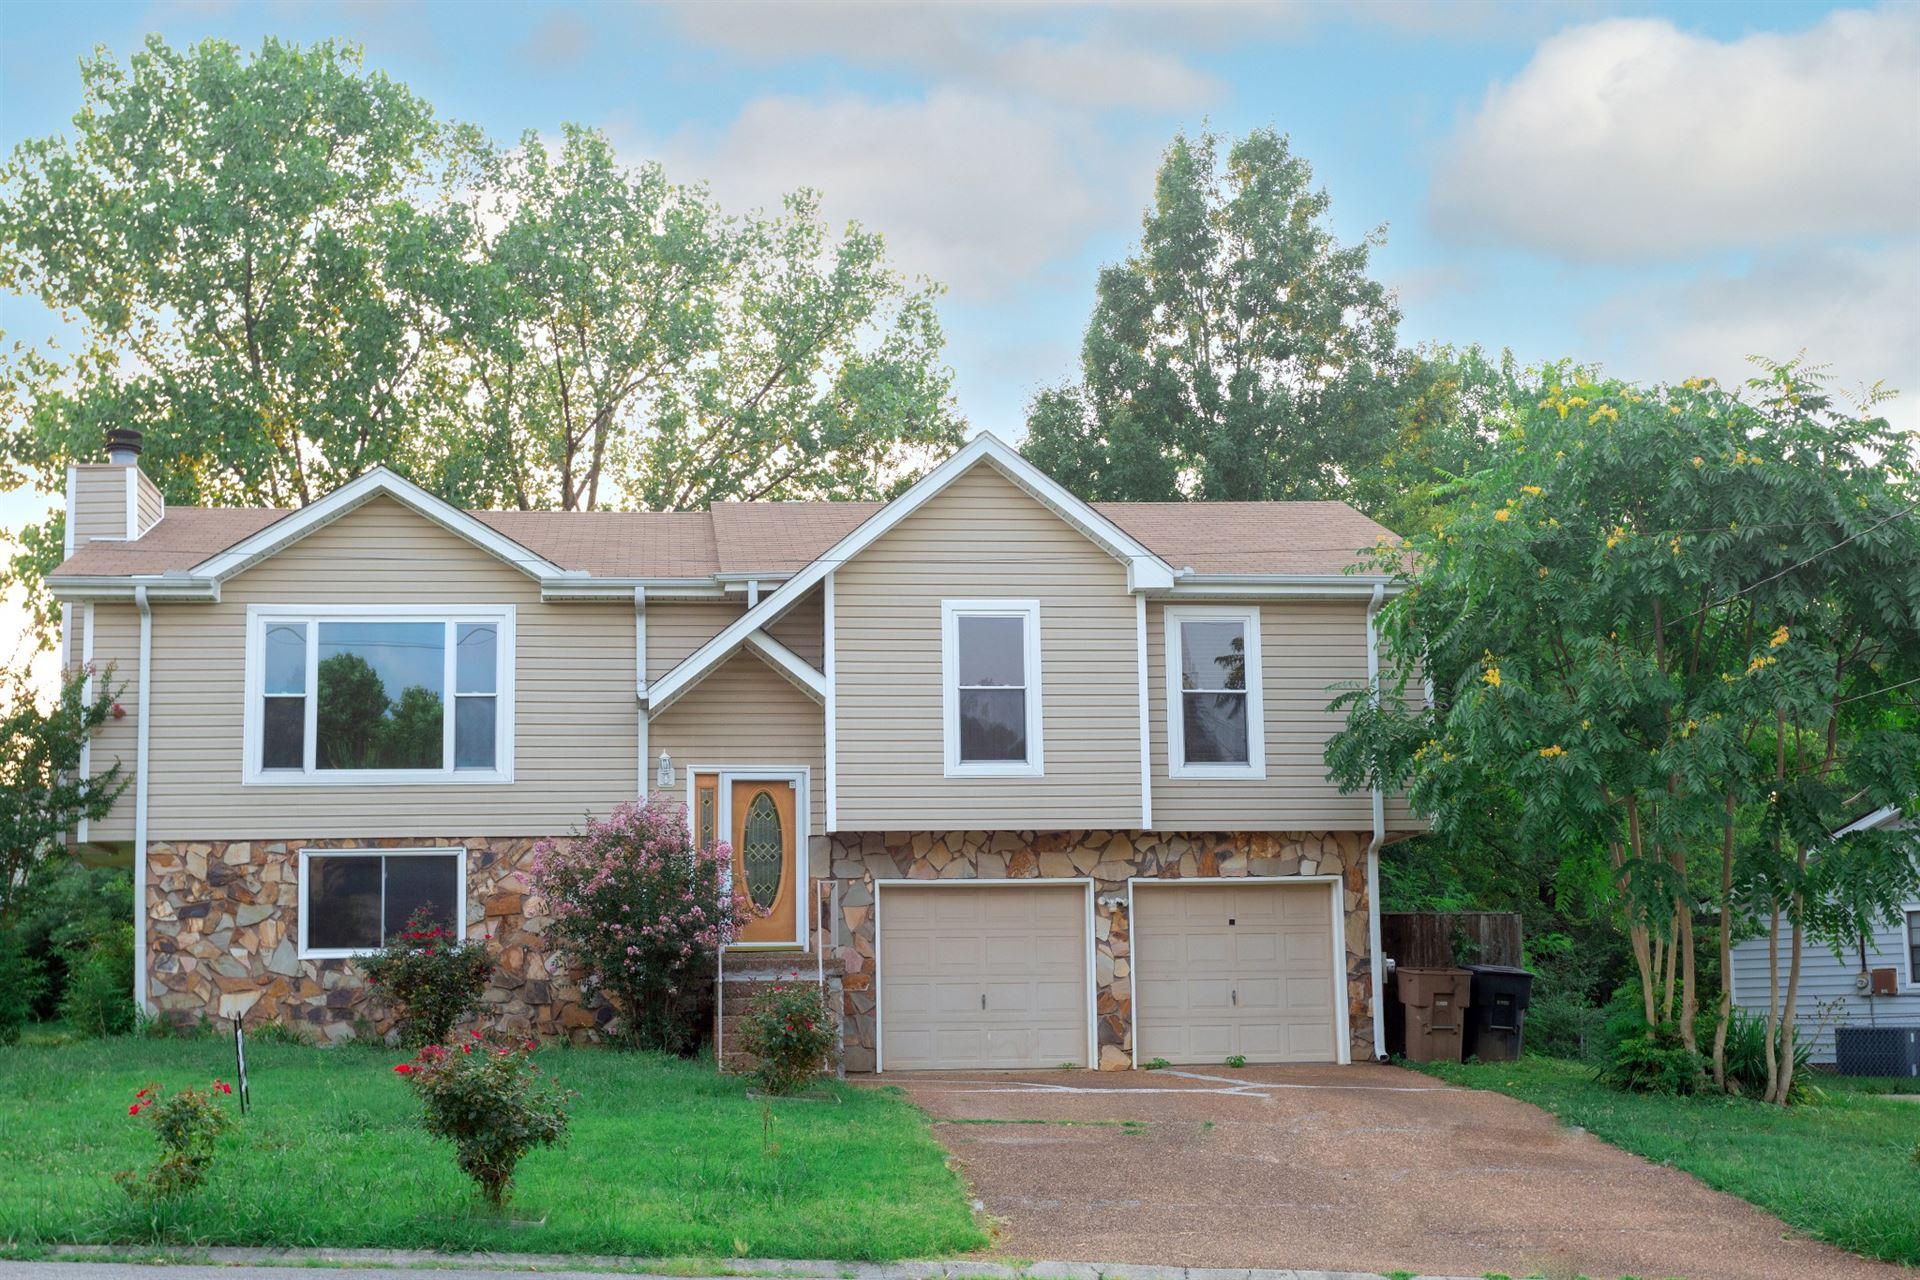 3101 Fieldstone Dr, Antioch, TN 37013 - MLS#: 2277326